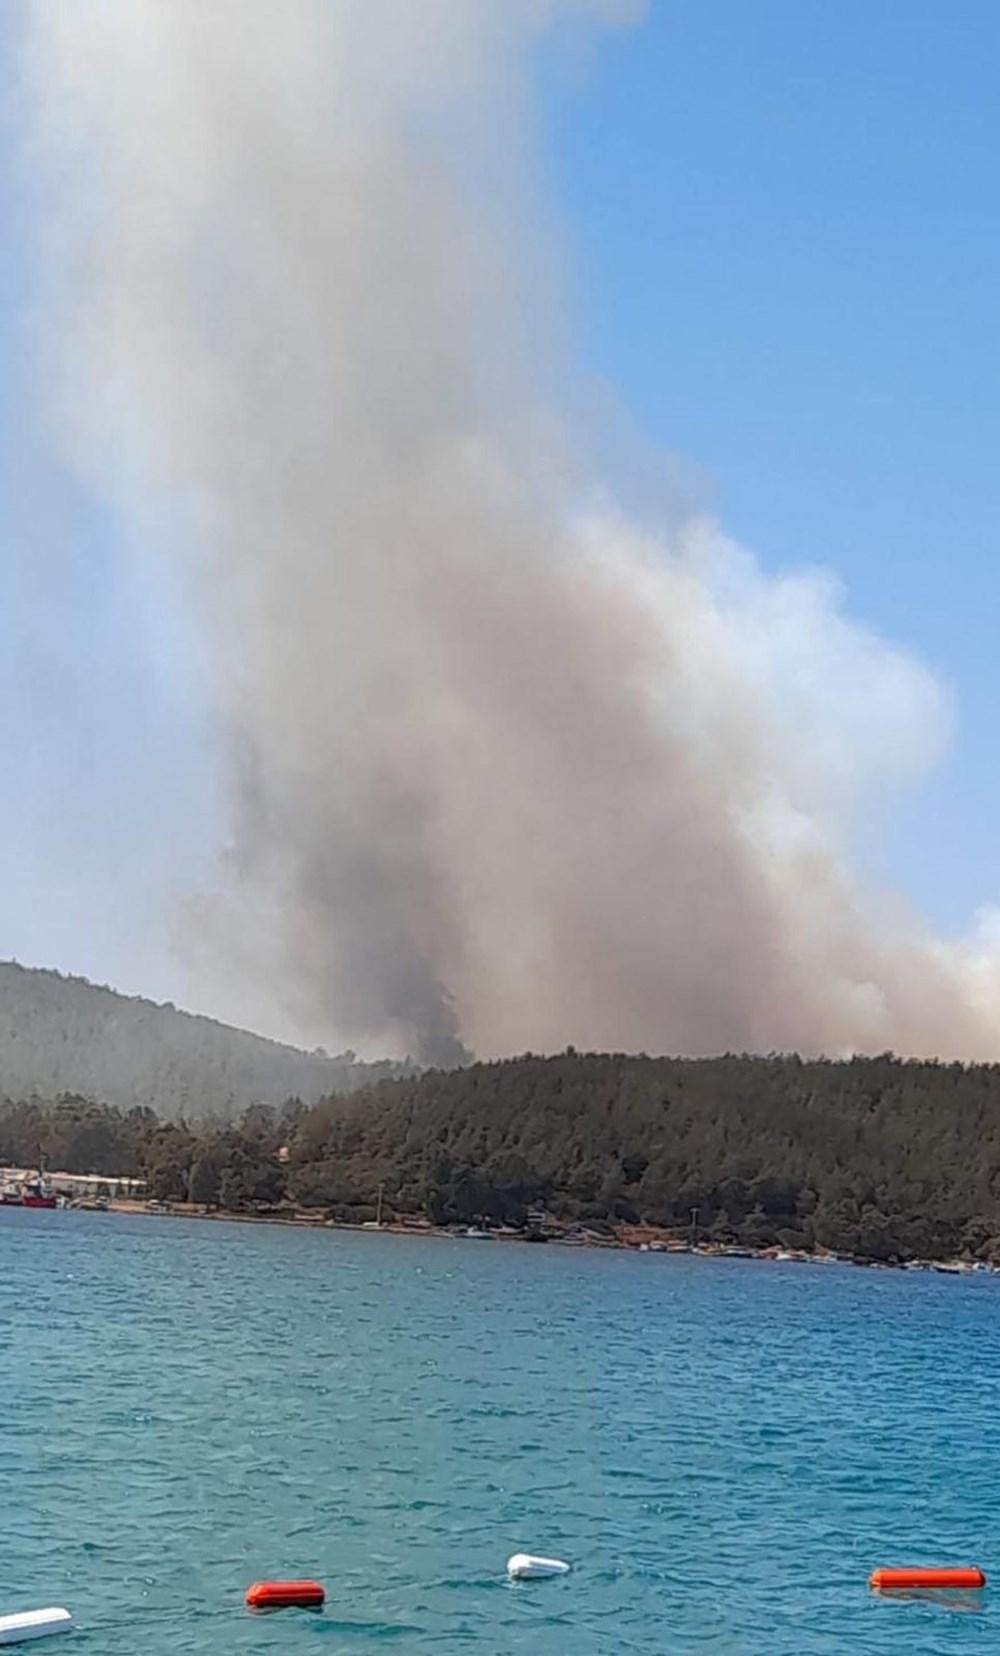 Antalya, Adana, Mersin, Aydın, Muğla, Osmaniye, Kayseri ve Manisa'da orman yangınları - 27